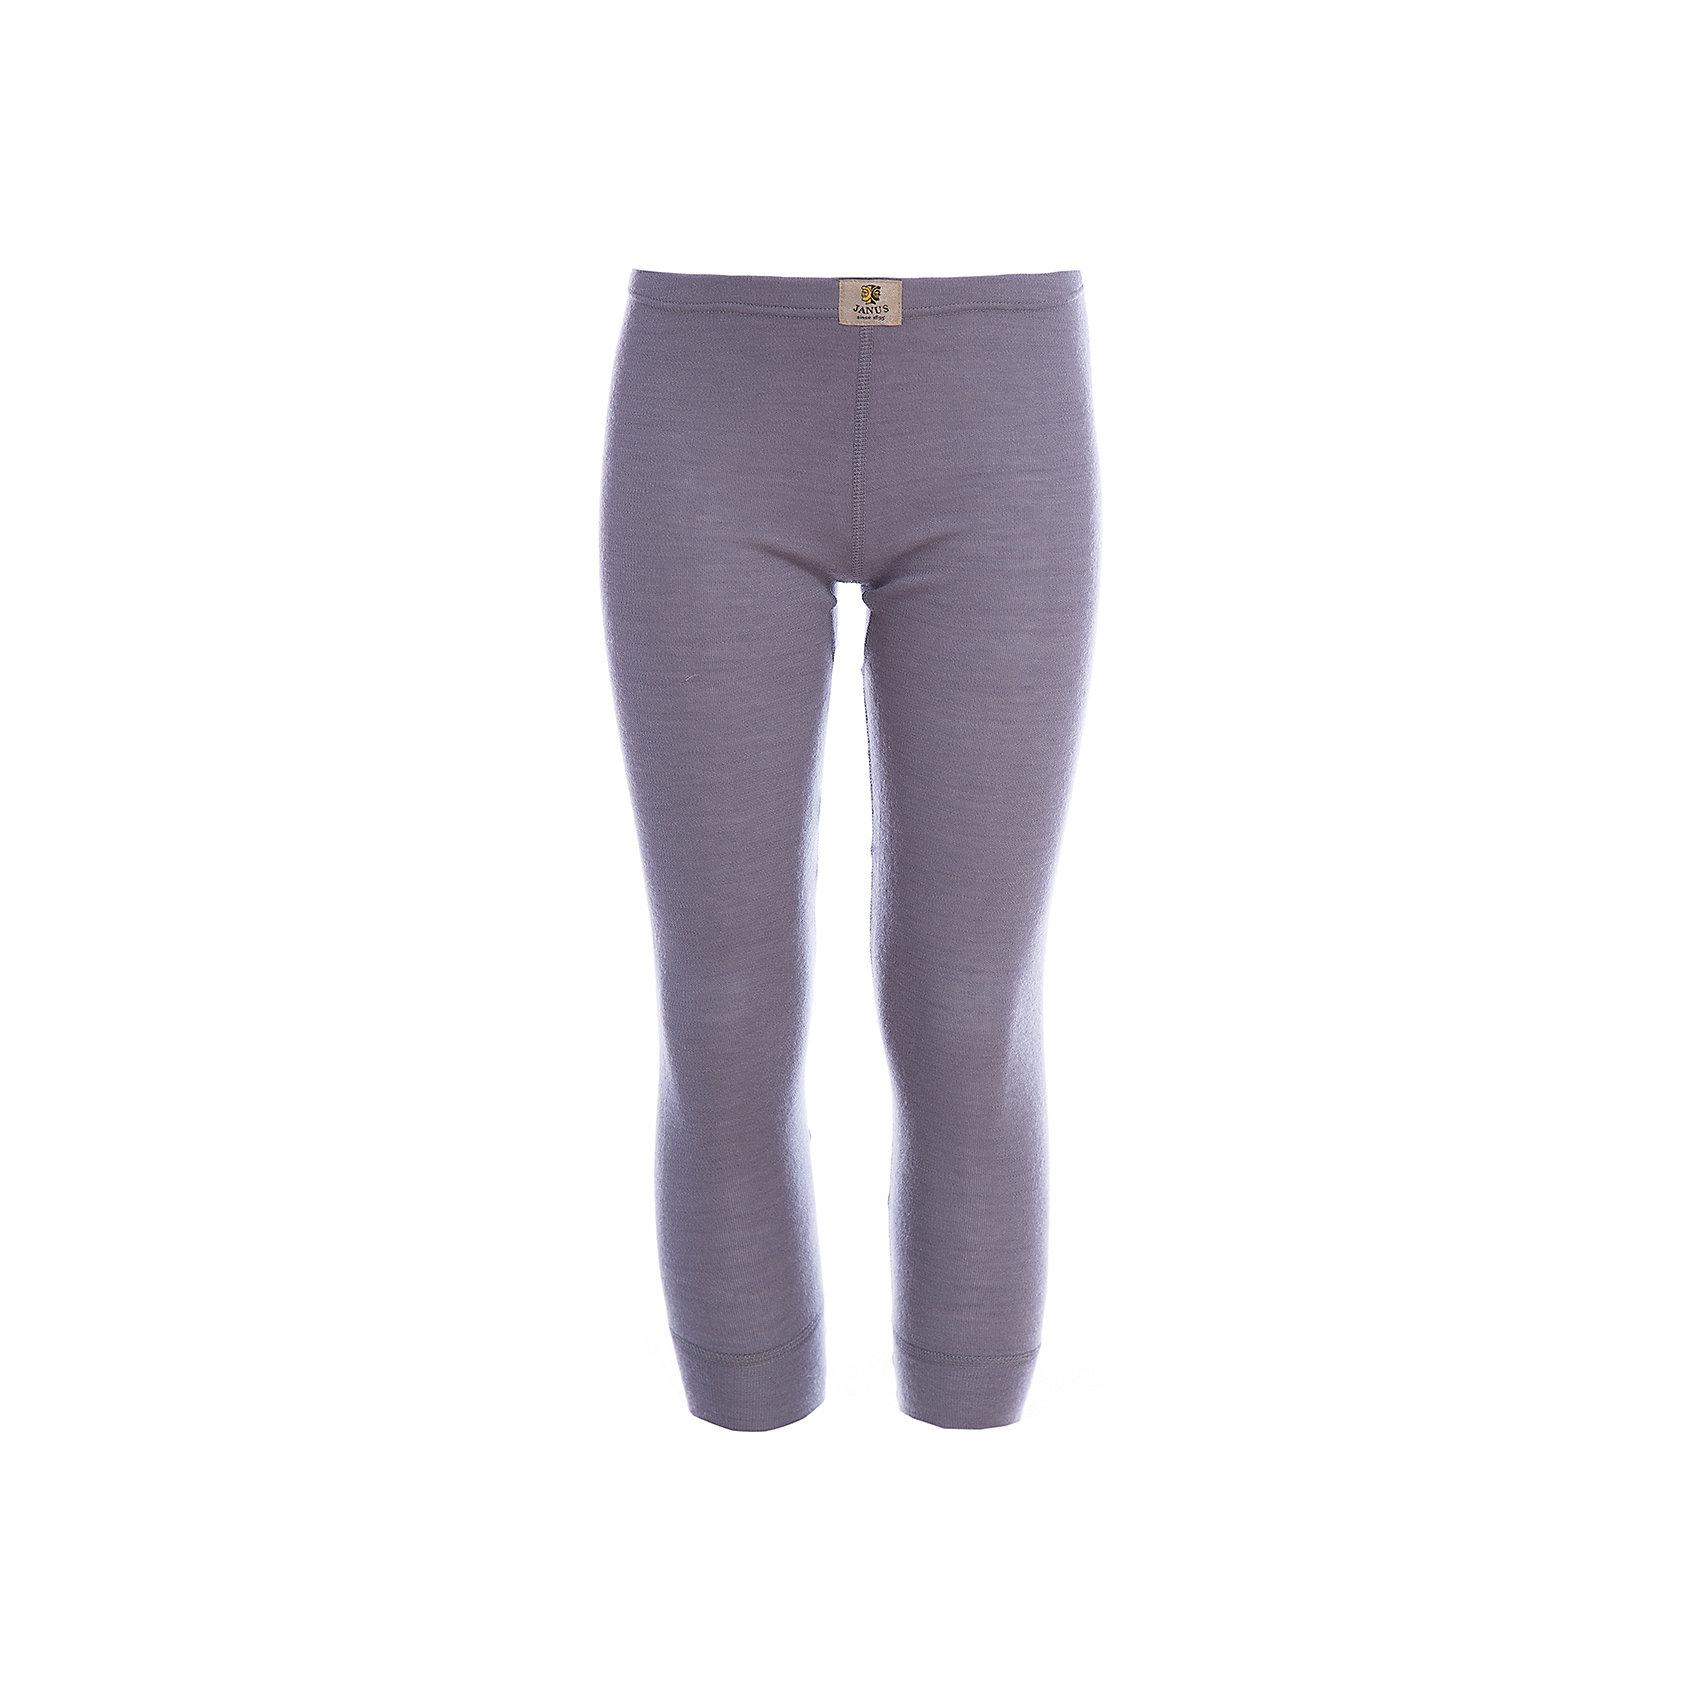 Рейтузы JanusФлис и термобелье<br>Рейтузы известной марки Janus.<br><br>Плотные рейтузы из 100% шерсти мериноса, разработанные специально для холодного климата. Двойная вязка. Зауженные манжеты. Рейтузы можно одевать на голое тело под все виды одежды. 100% шерсть мериноса  выводит избыточную влагу и обеспечивает отличную терморегуляцию.<br><br>Состав: 100% шерсть мериноса<br><br>Ширина мм: 123<br>Глубина мм: 10<br>Высота мм: 149<br>Вес г: 209<br>Цвет: серый<br>Возраст от месяцев: 36<br>Возраст до месяцев: 48<br>Пол: Унисекс<br>Возраст: Детский<br>Размер: 100,120,130,140,90,110<br>SKU: 4914032